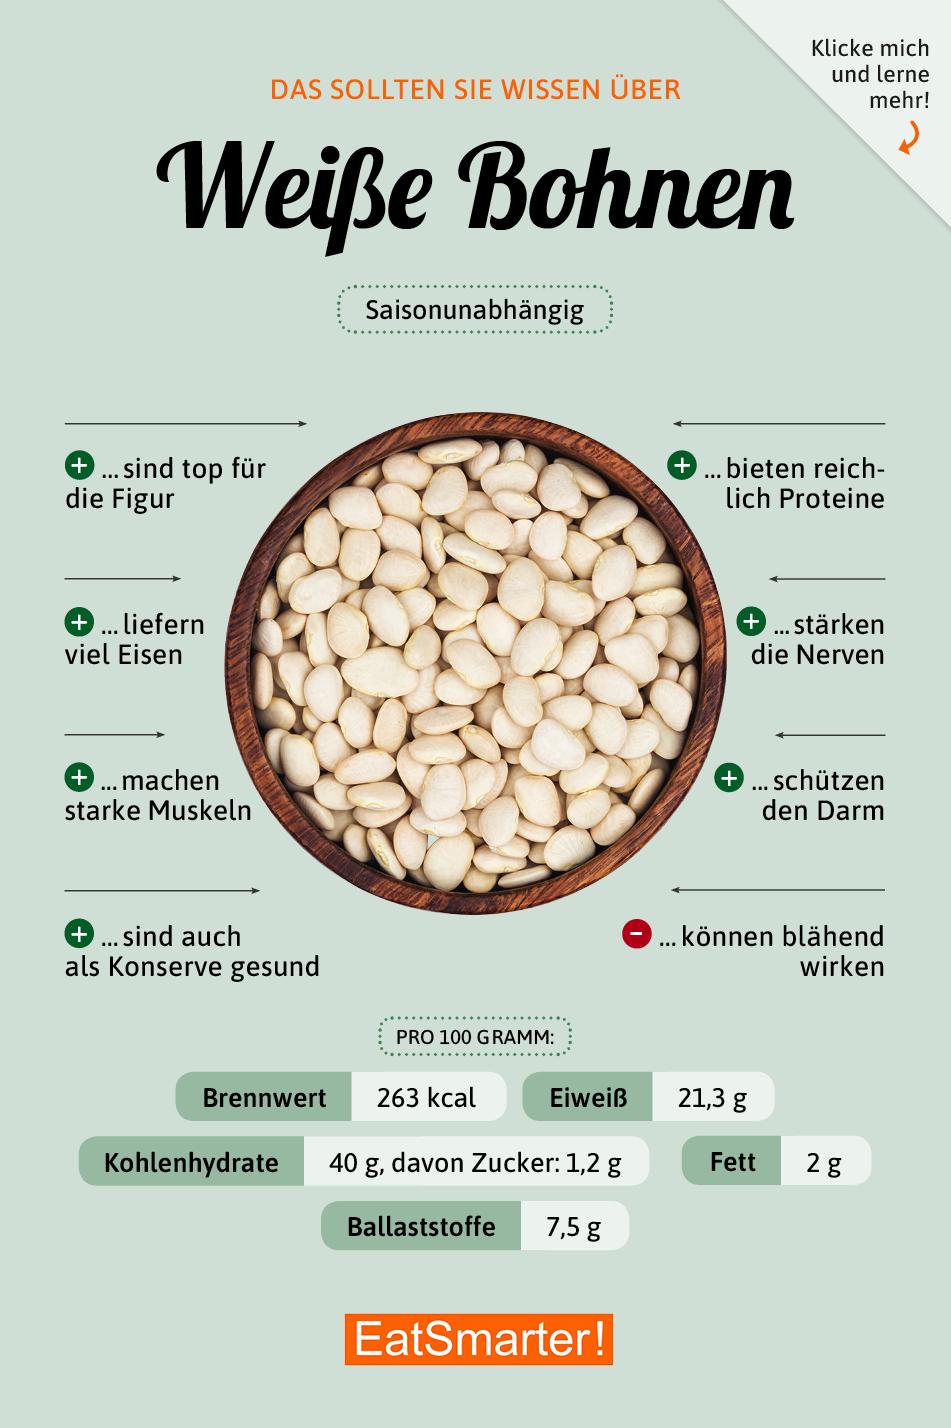 Was ist weiße weiche Diät